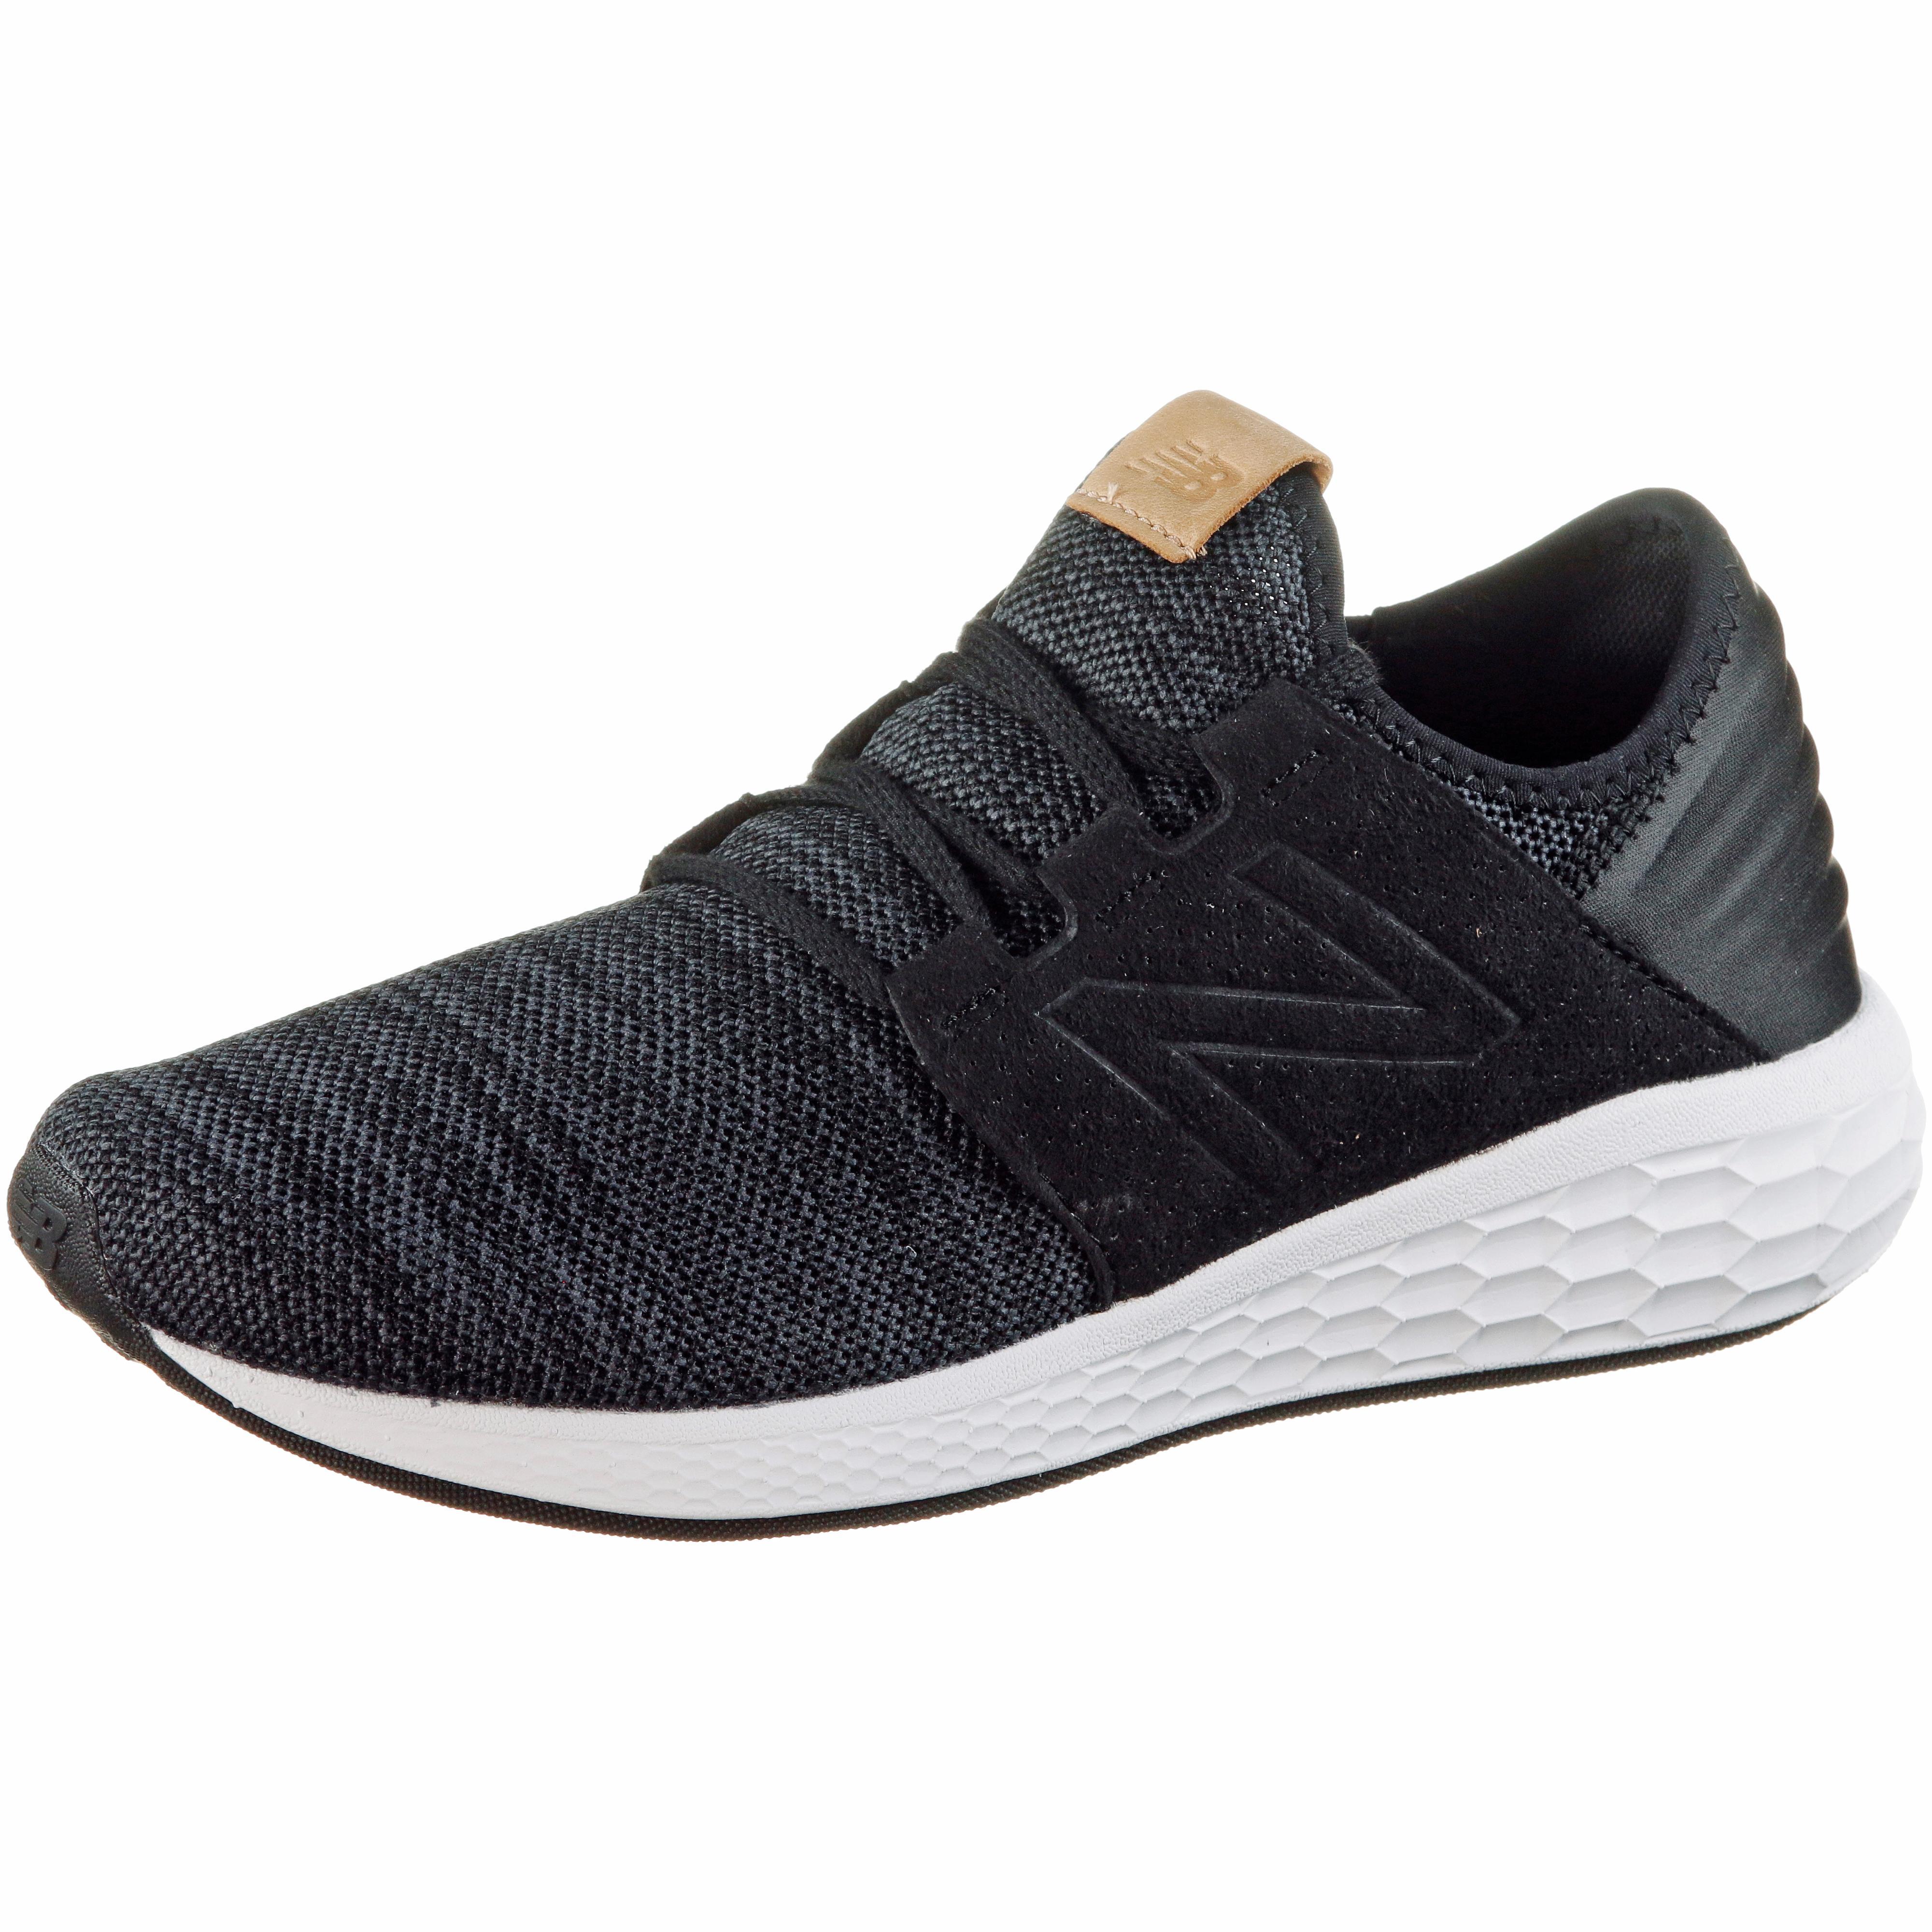 Cruz Herren Im Von V2 White Shop Black New Online Sneaker Balance uF5TclK1J3